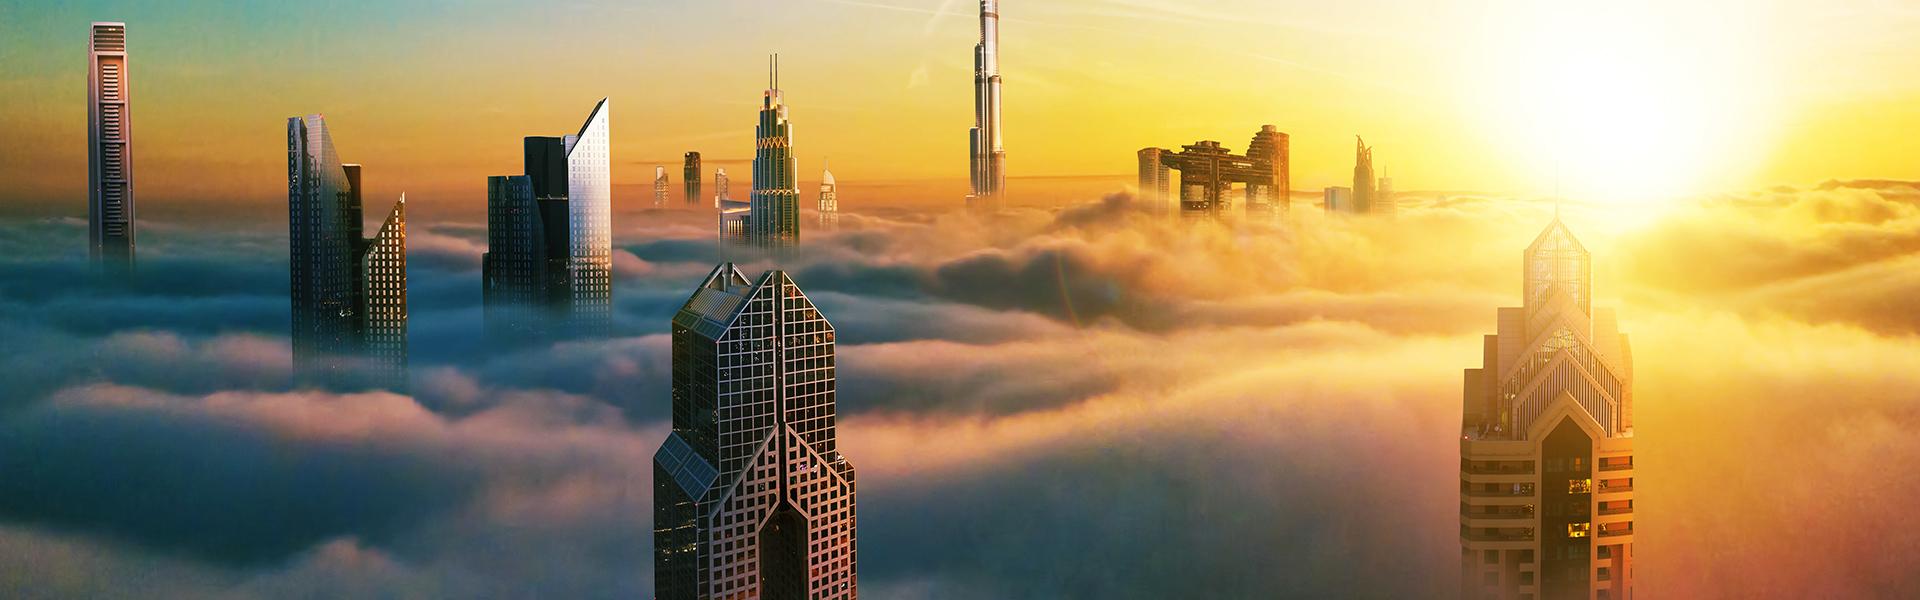 Wolken, die Wolkenkratzer in Dubai umgeben